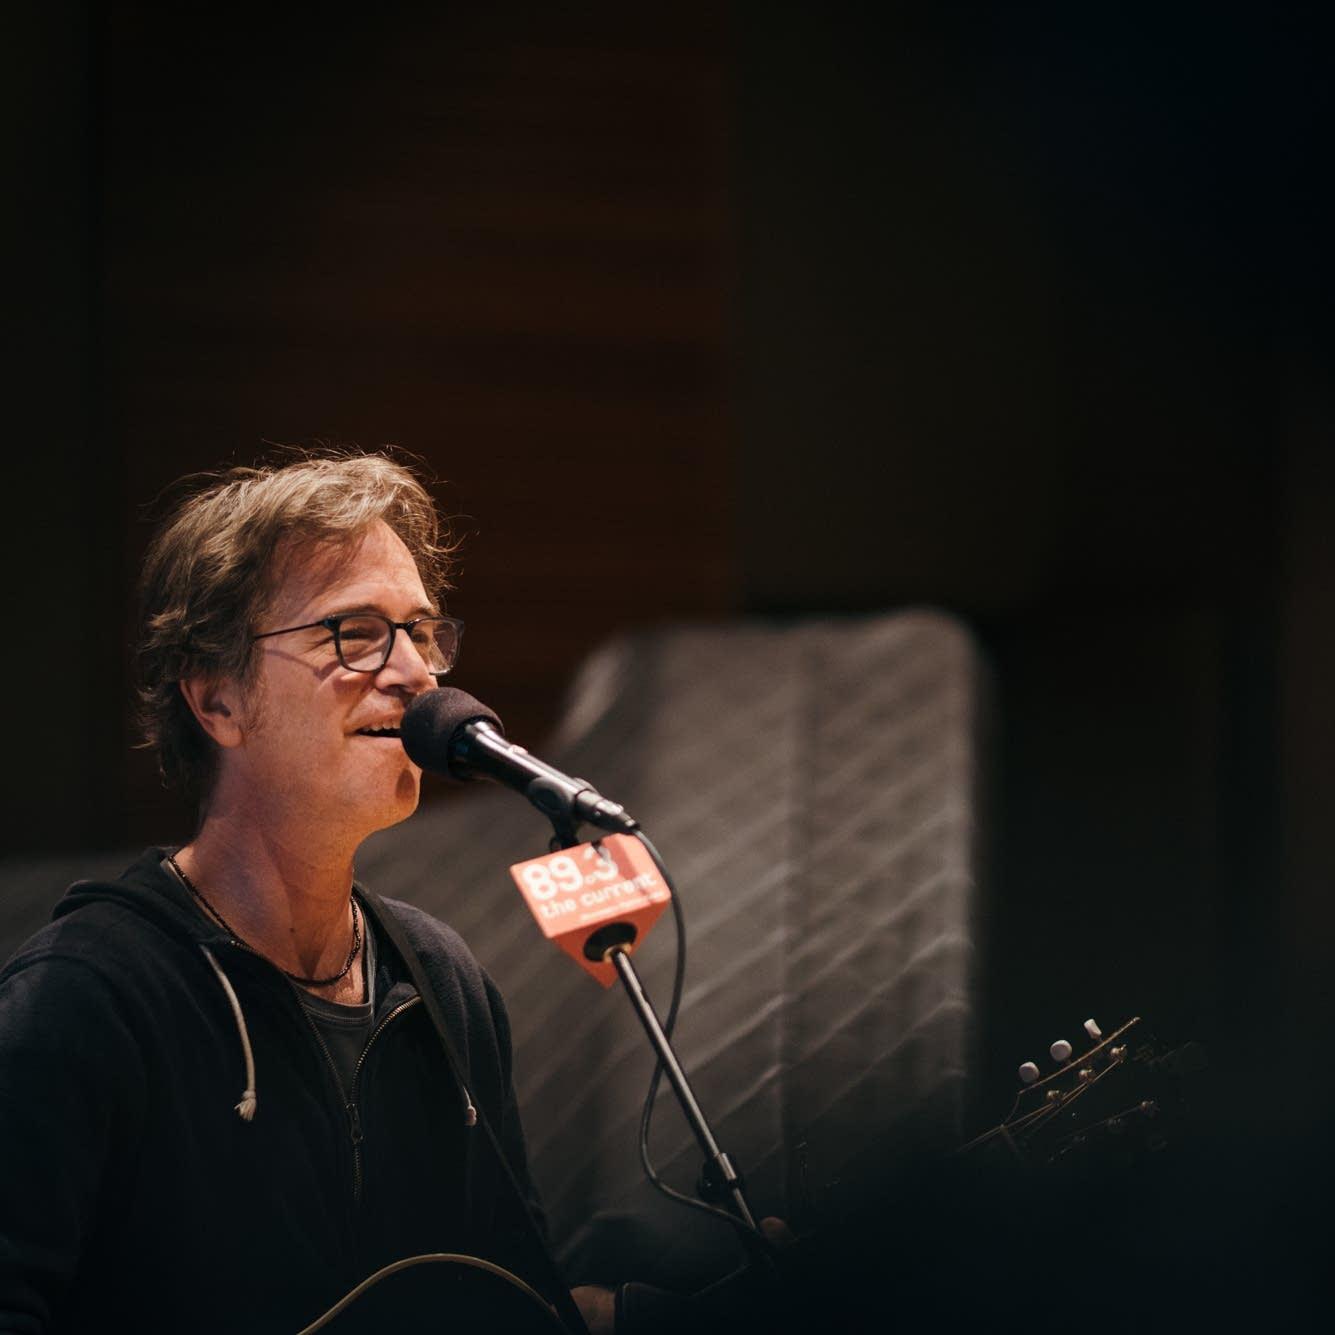 Dan Wilson performs in The Current studio